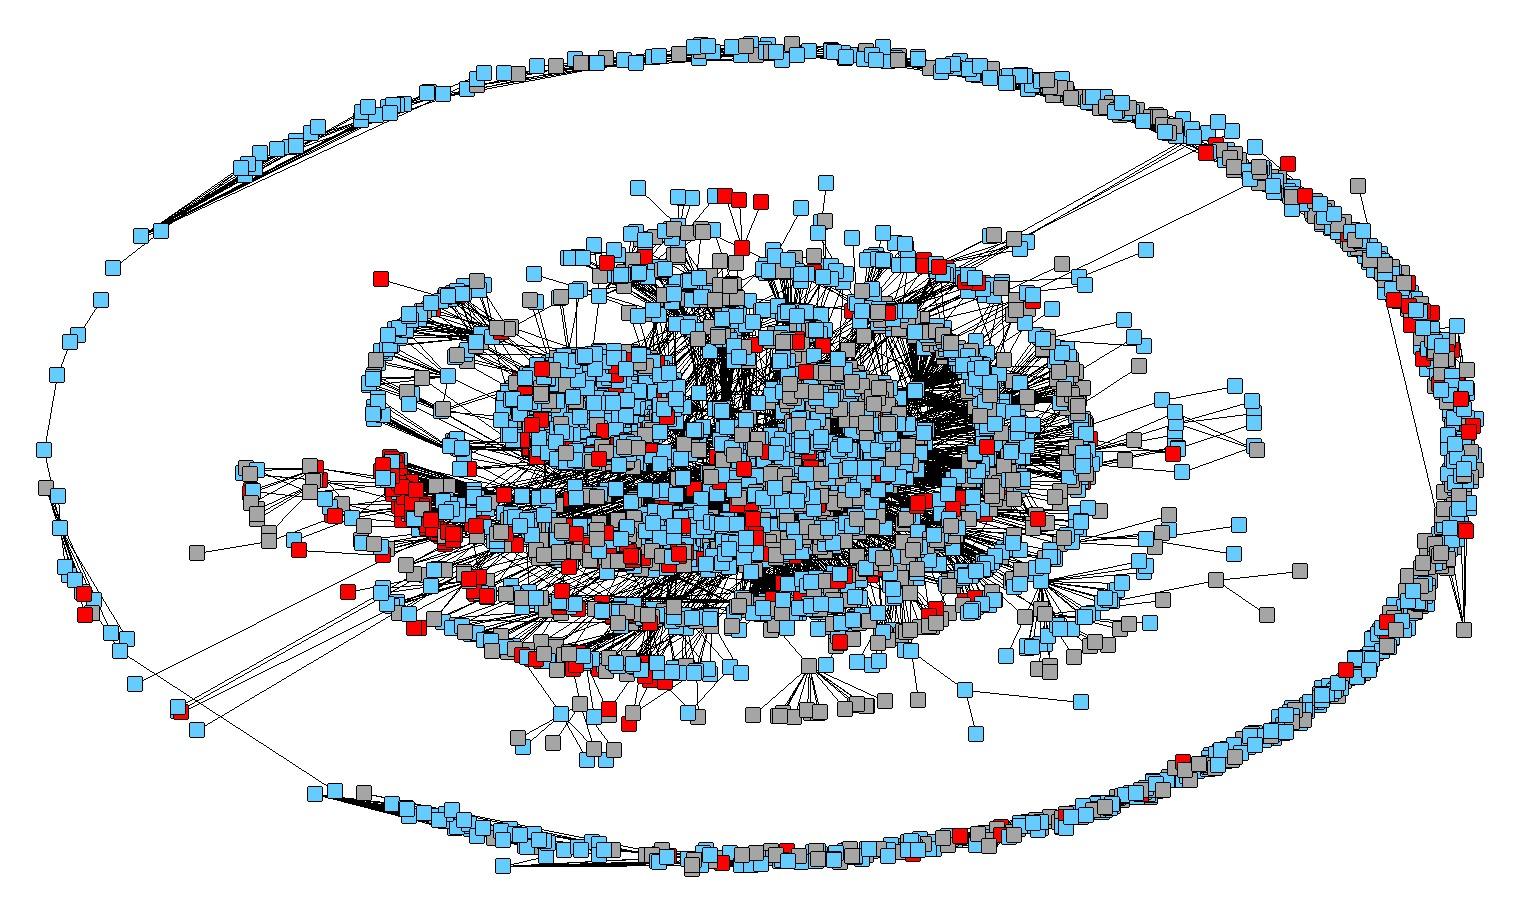 Full Network